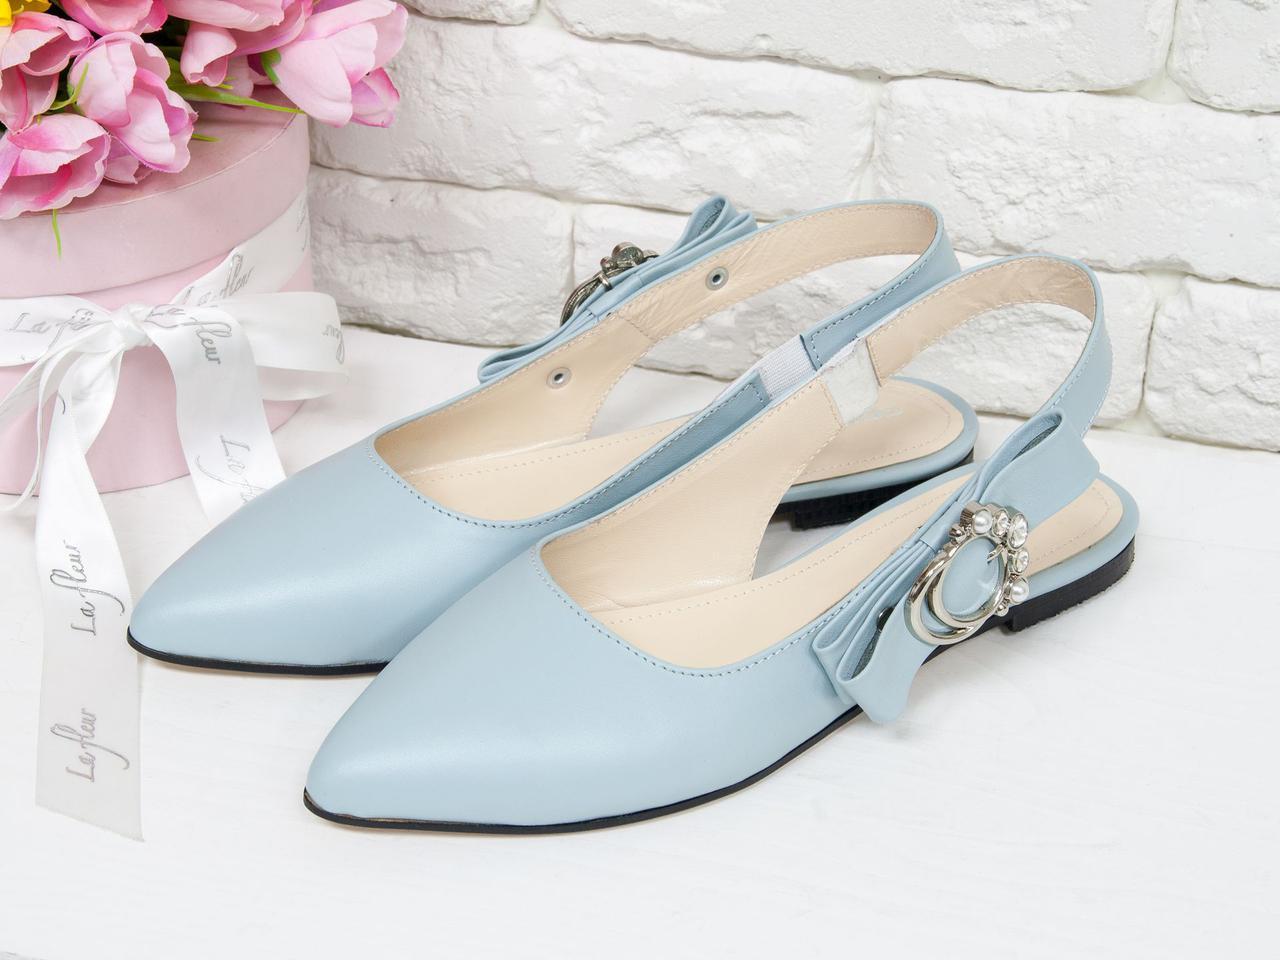 Туфлі жіночі з відкритою п'ятою, натуральна шкіра блакитного кольору. З 36 по 41 р.